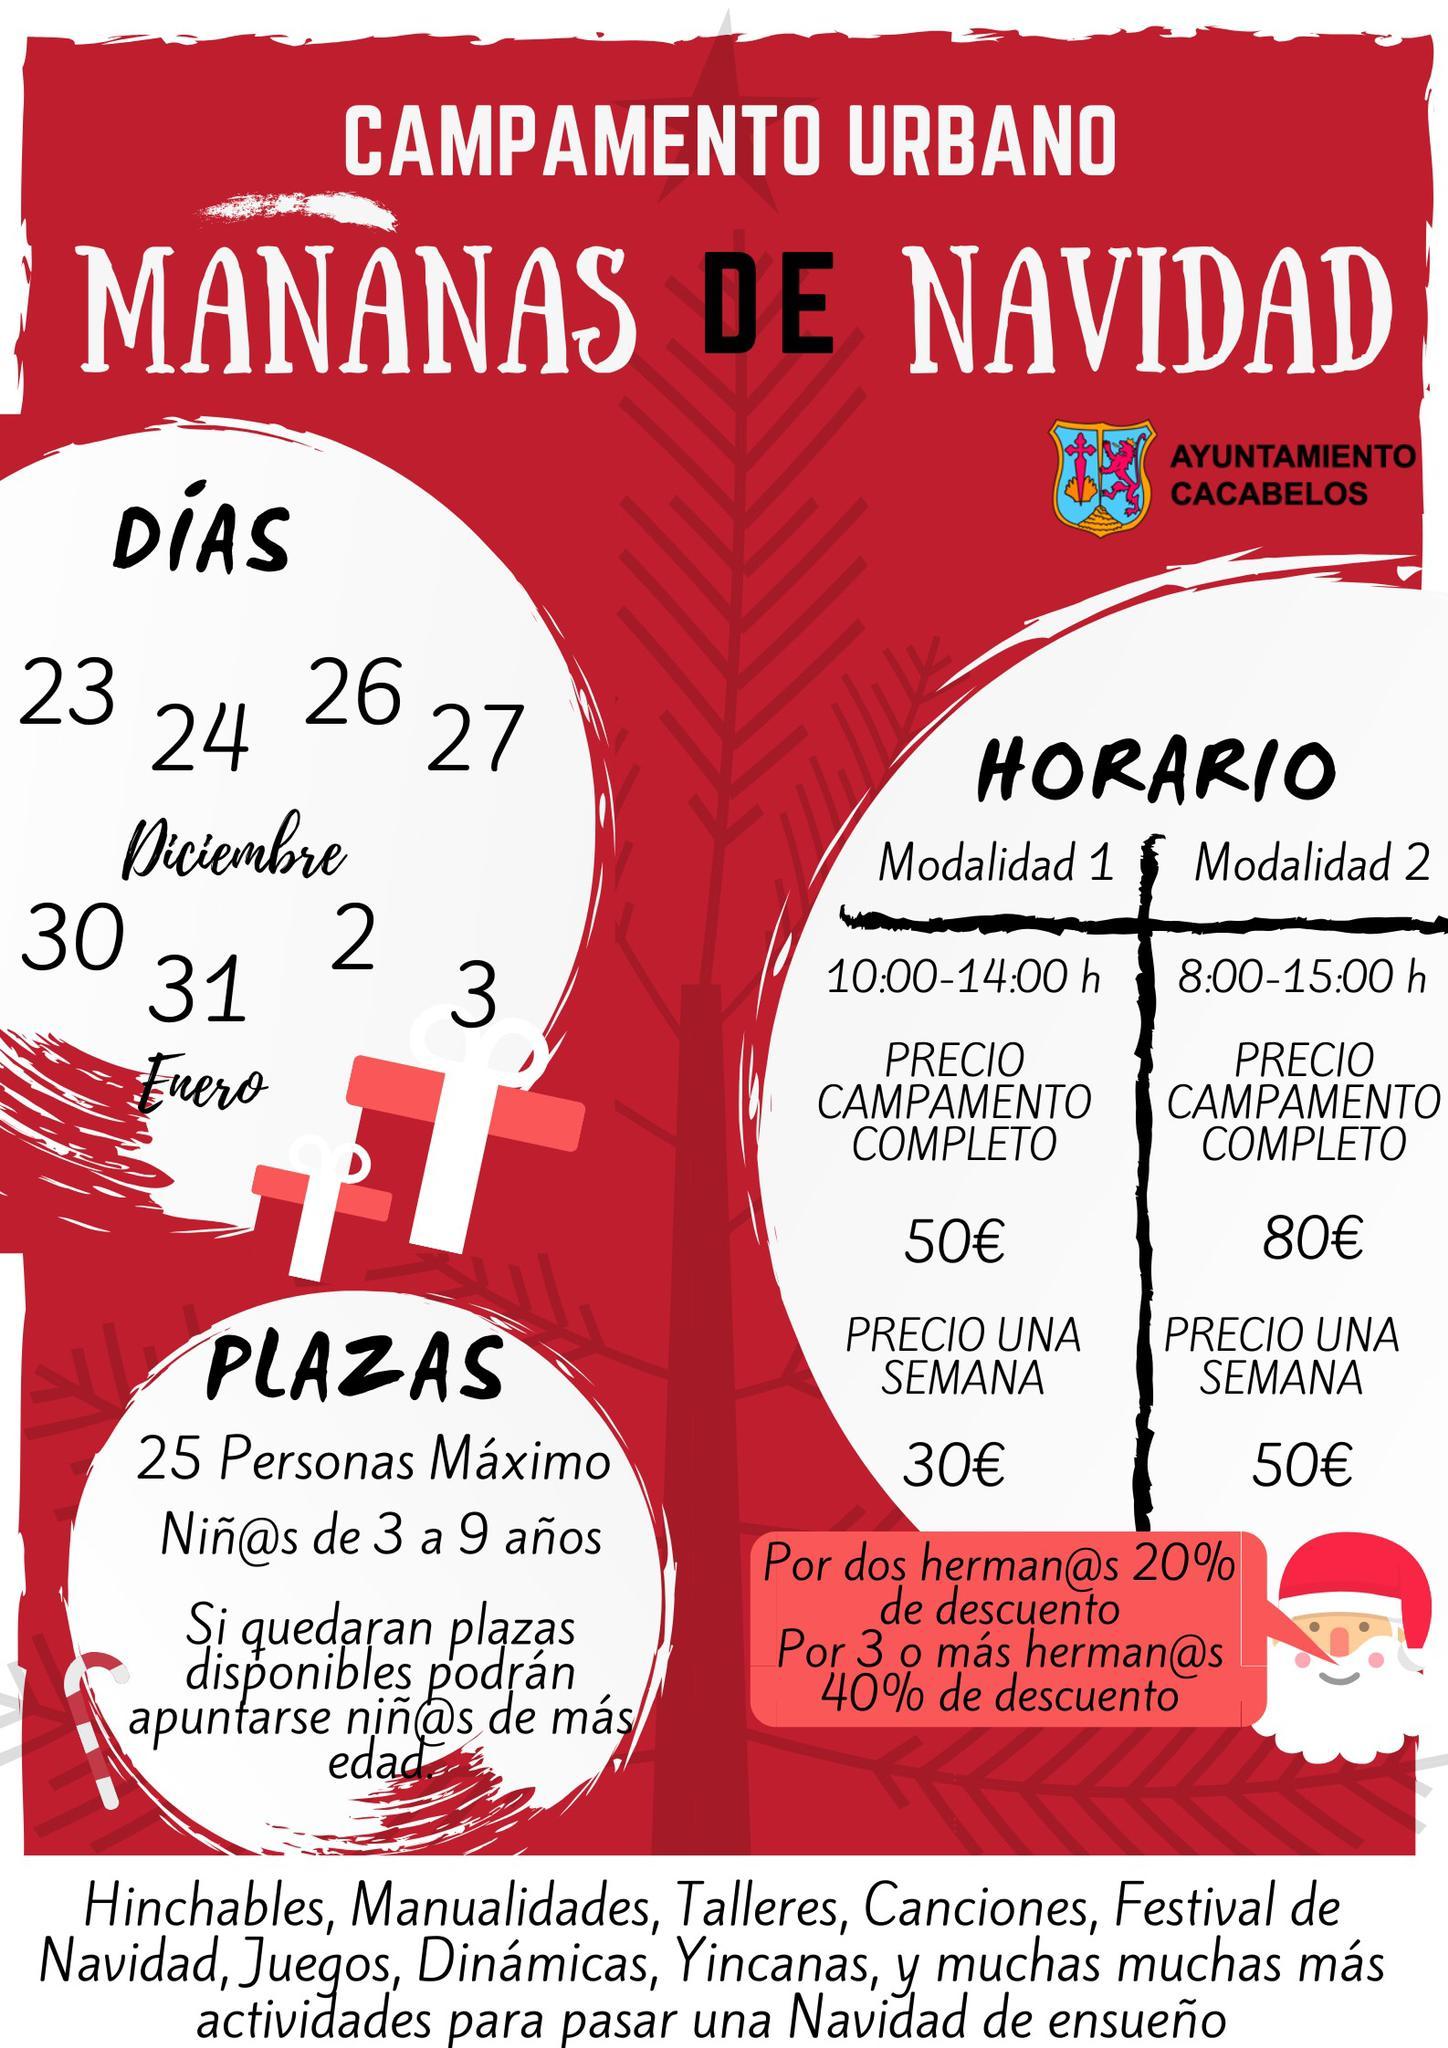 Cacabelos organiza su Campamento urbano navideño 2019 2